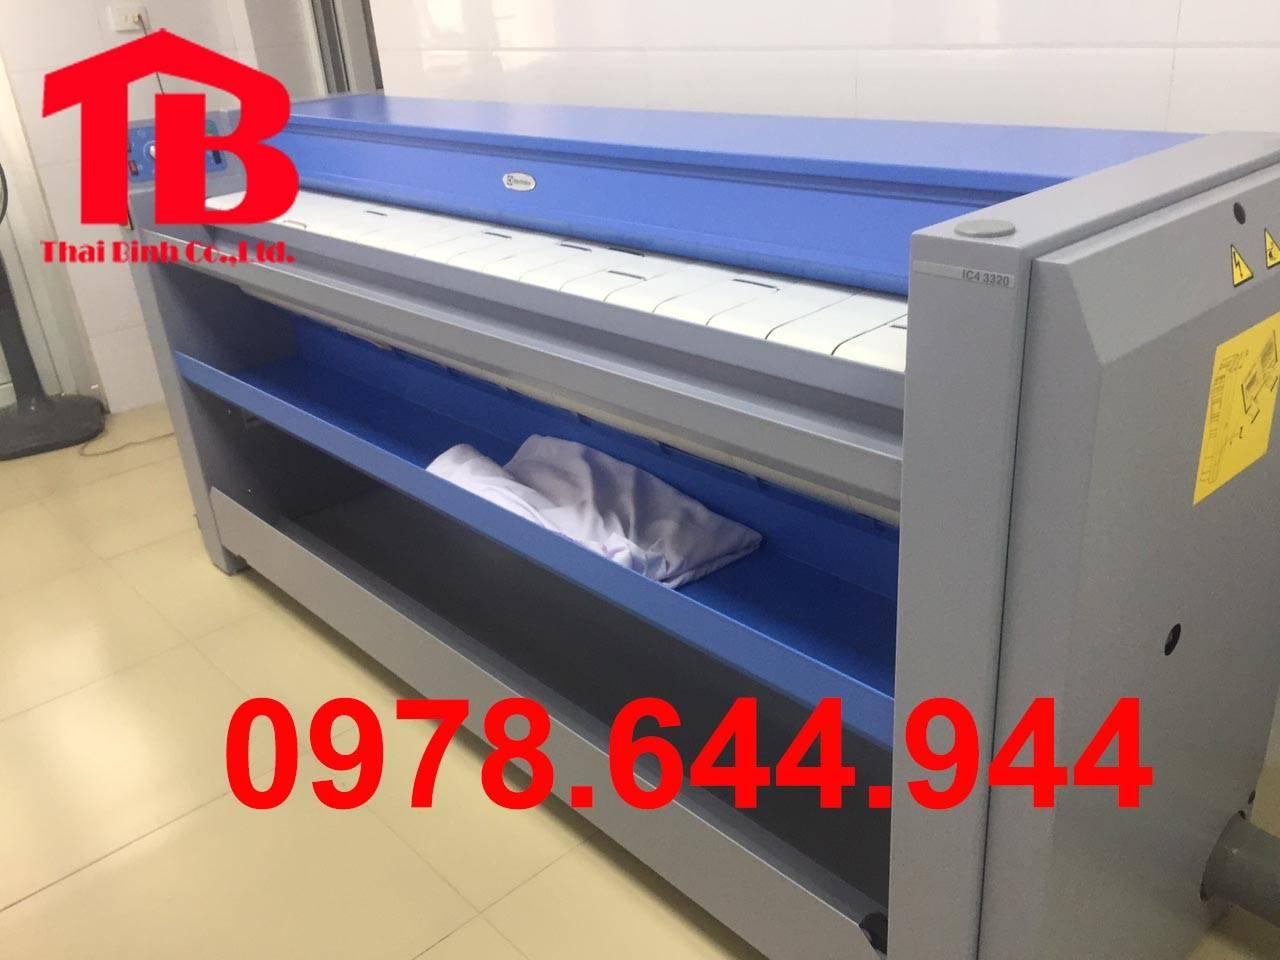 4e2e3e28bb05555b0c14 - Dự án lắp đặt máy giặt sấy công nghiệp cho khách sạn Sapa